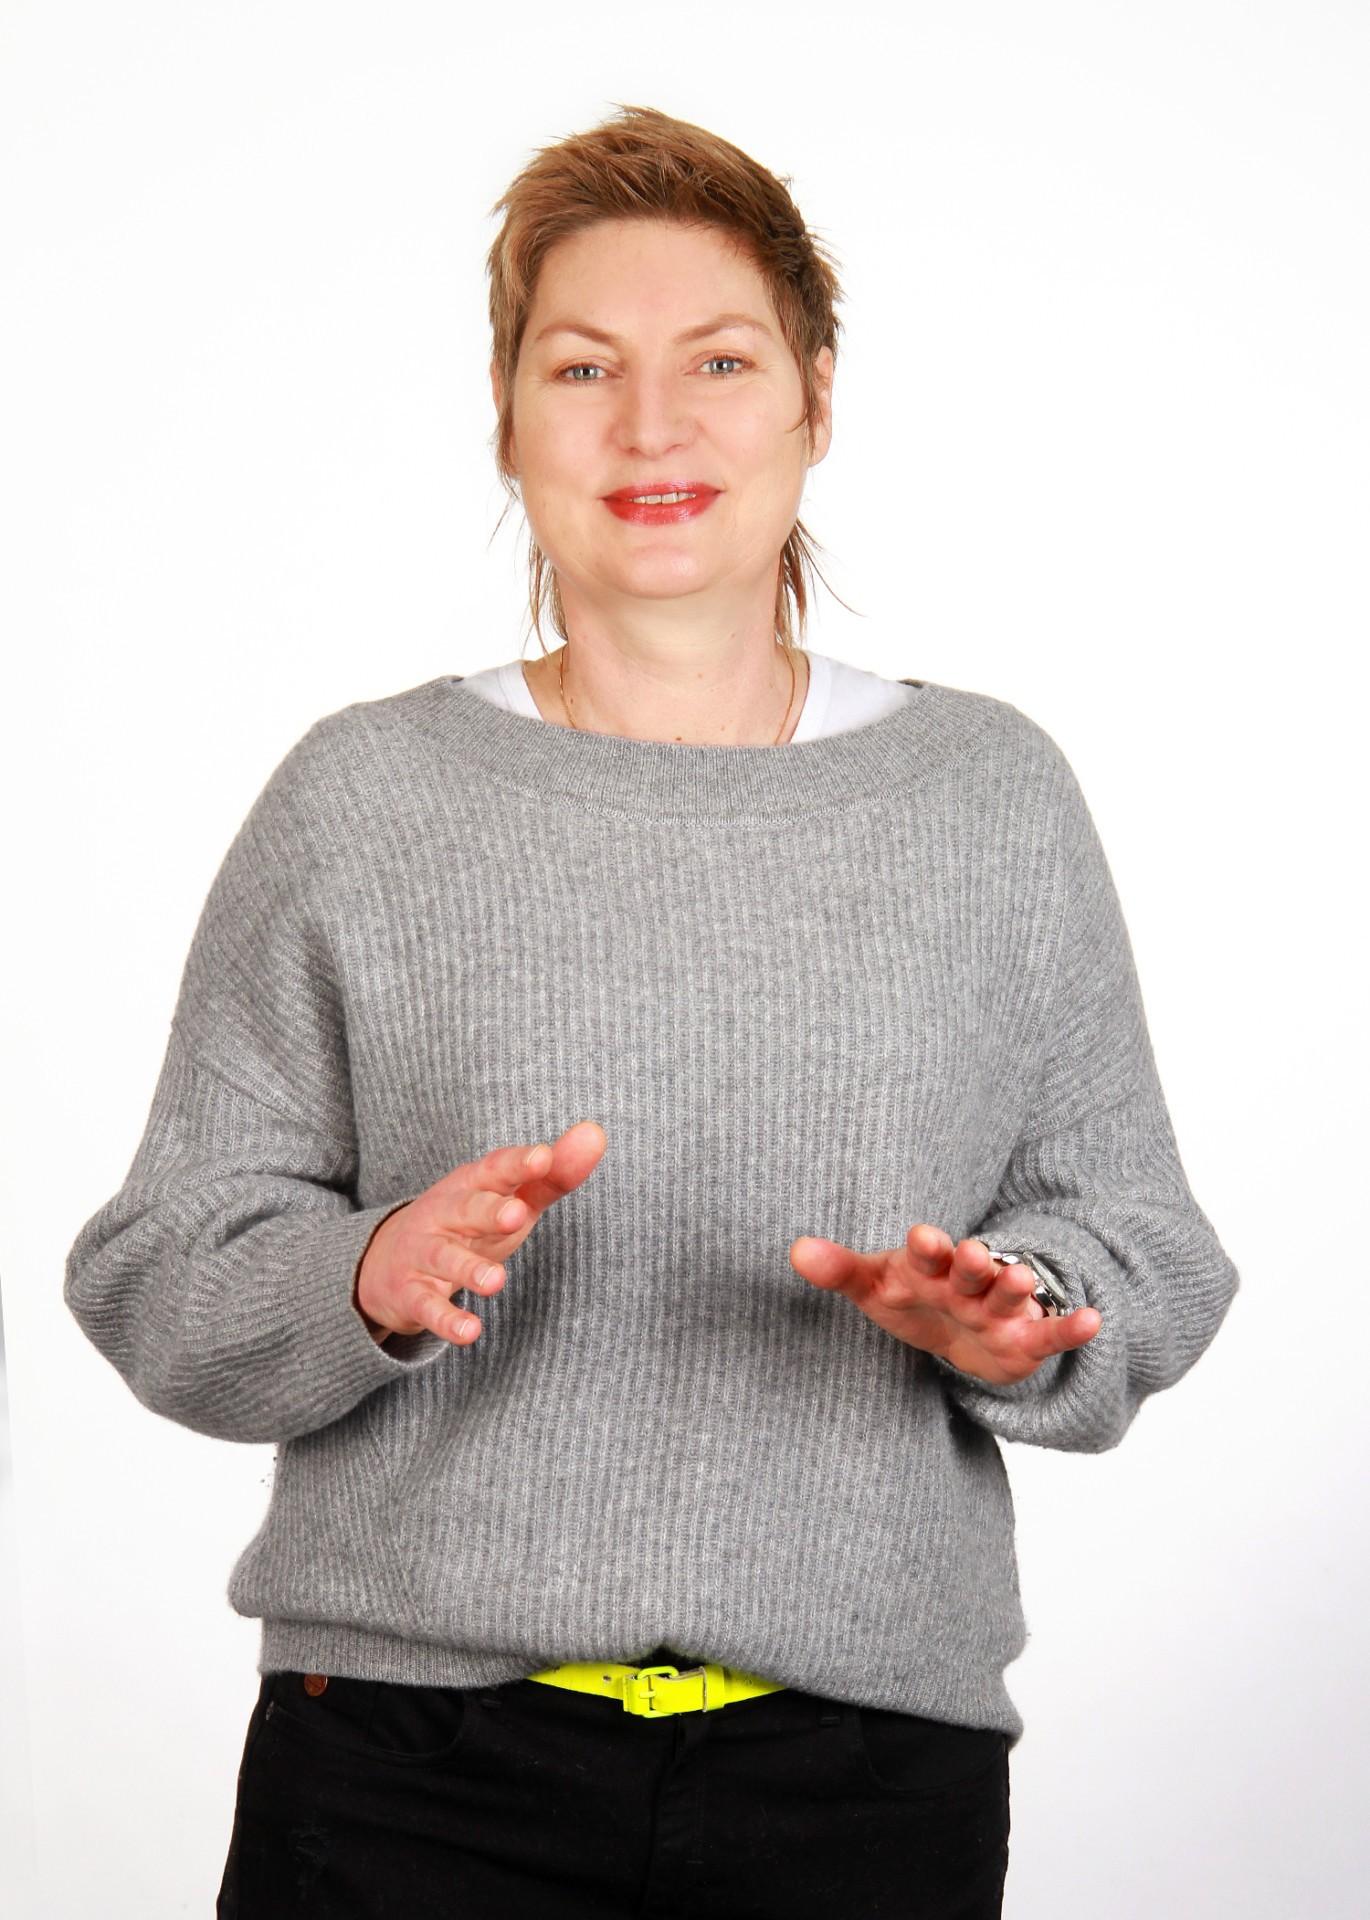 Katrin Kuntze Freie Wähler - OXMOX Parteien-Check: Bürgerschaftswahl Hamburg 23. Februar